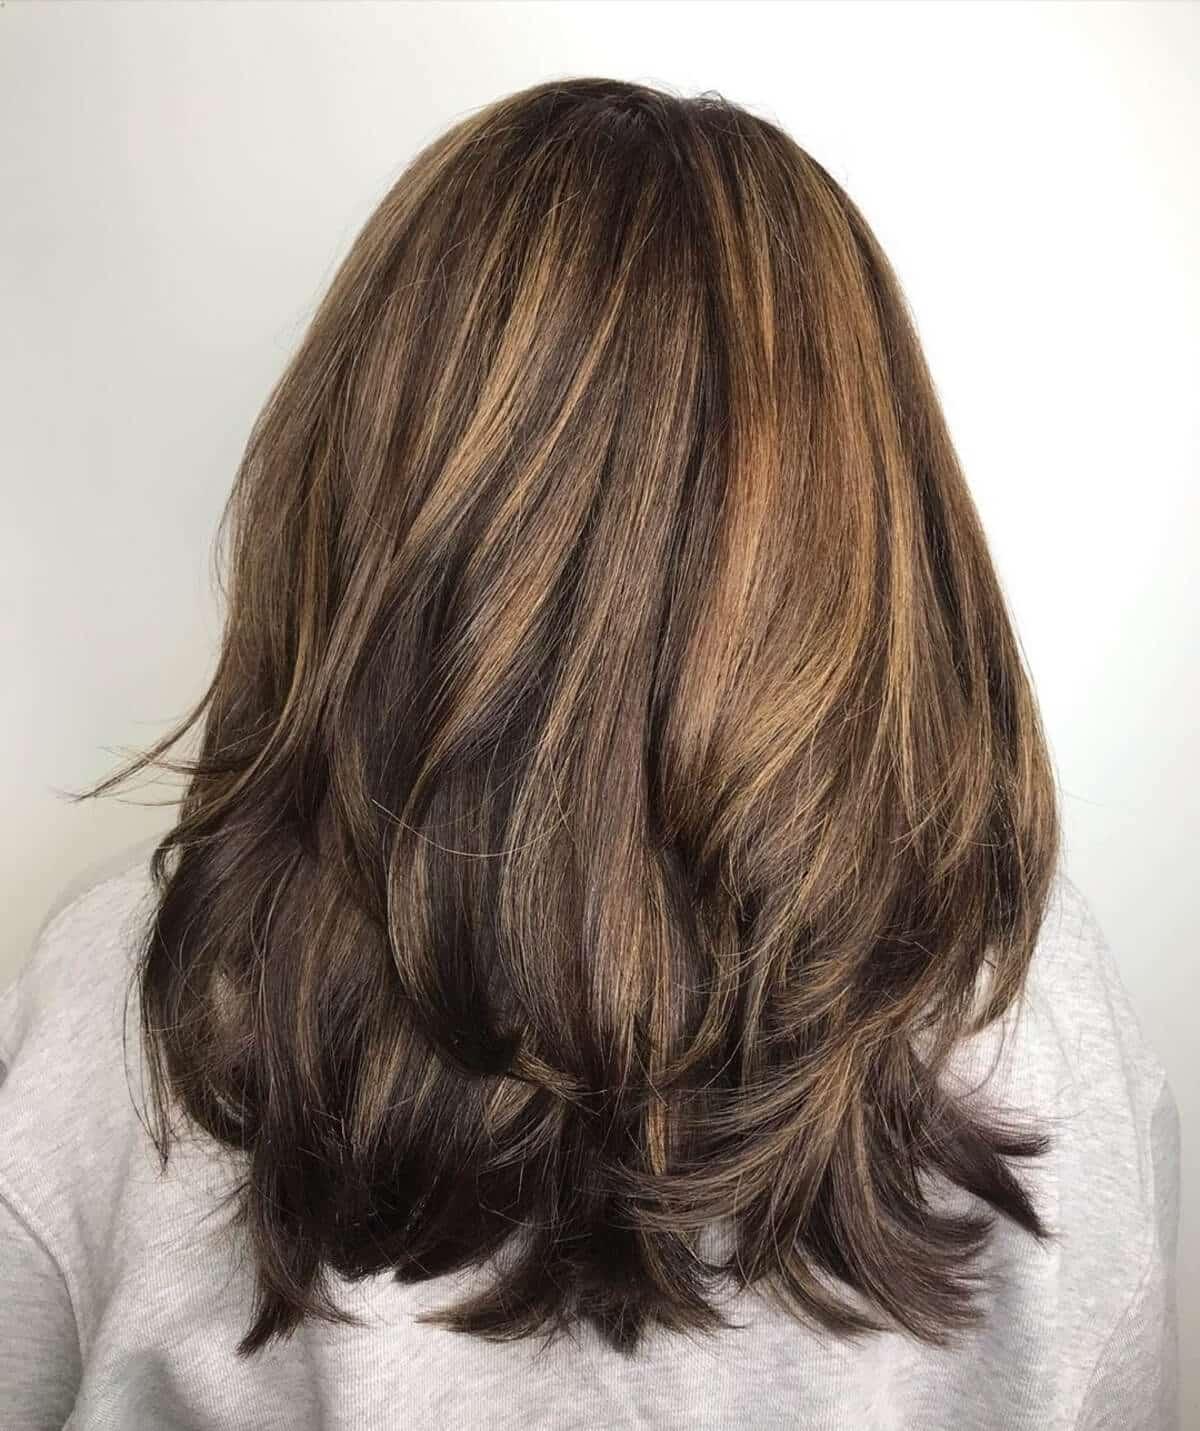 cheveux bruns foncés mi-longs avec des reflets caramel